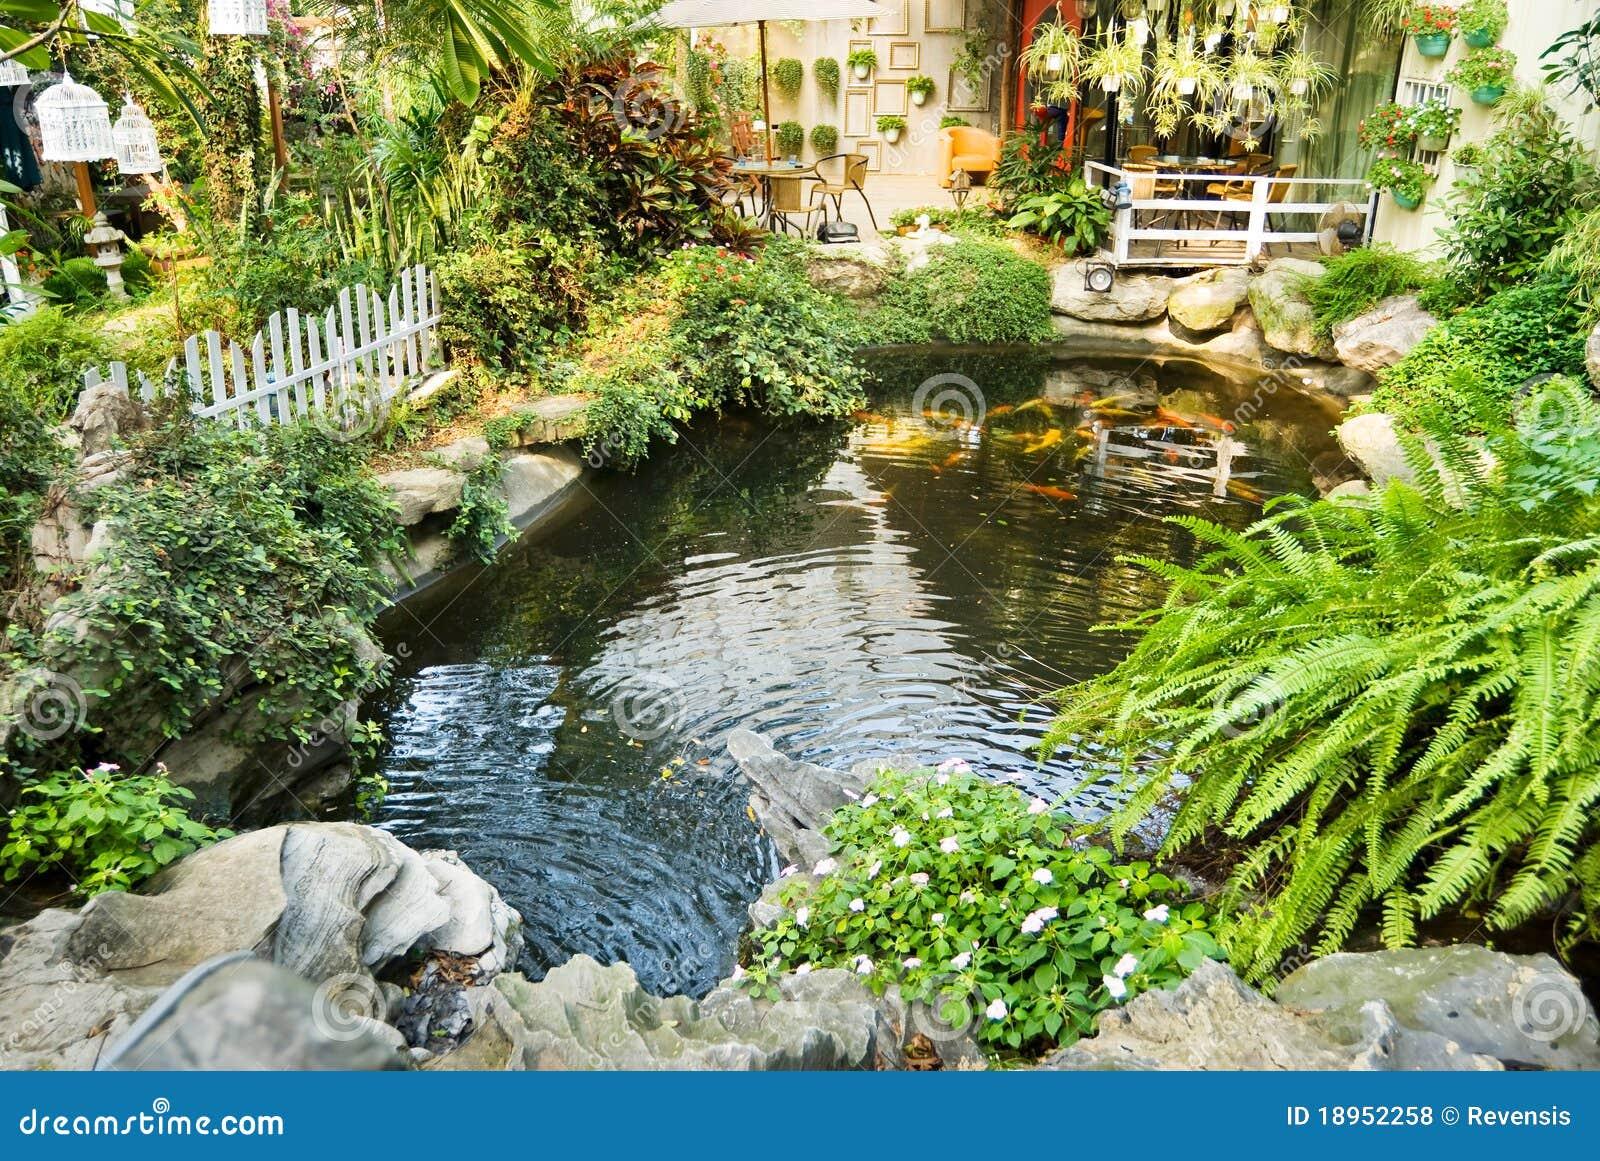 Jard n hermoso con las carpas japonesas en la piscina foto for Jardines con piscinas desmontables